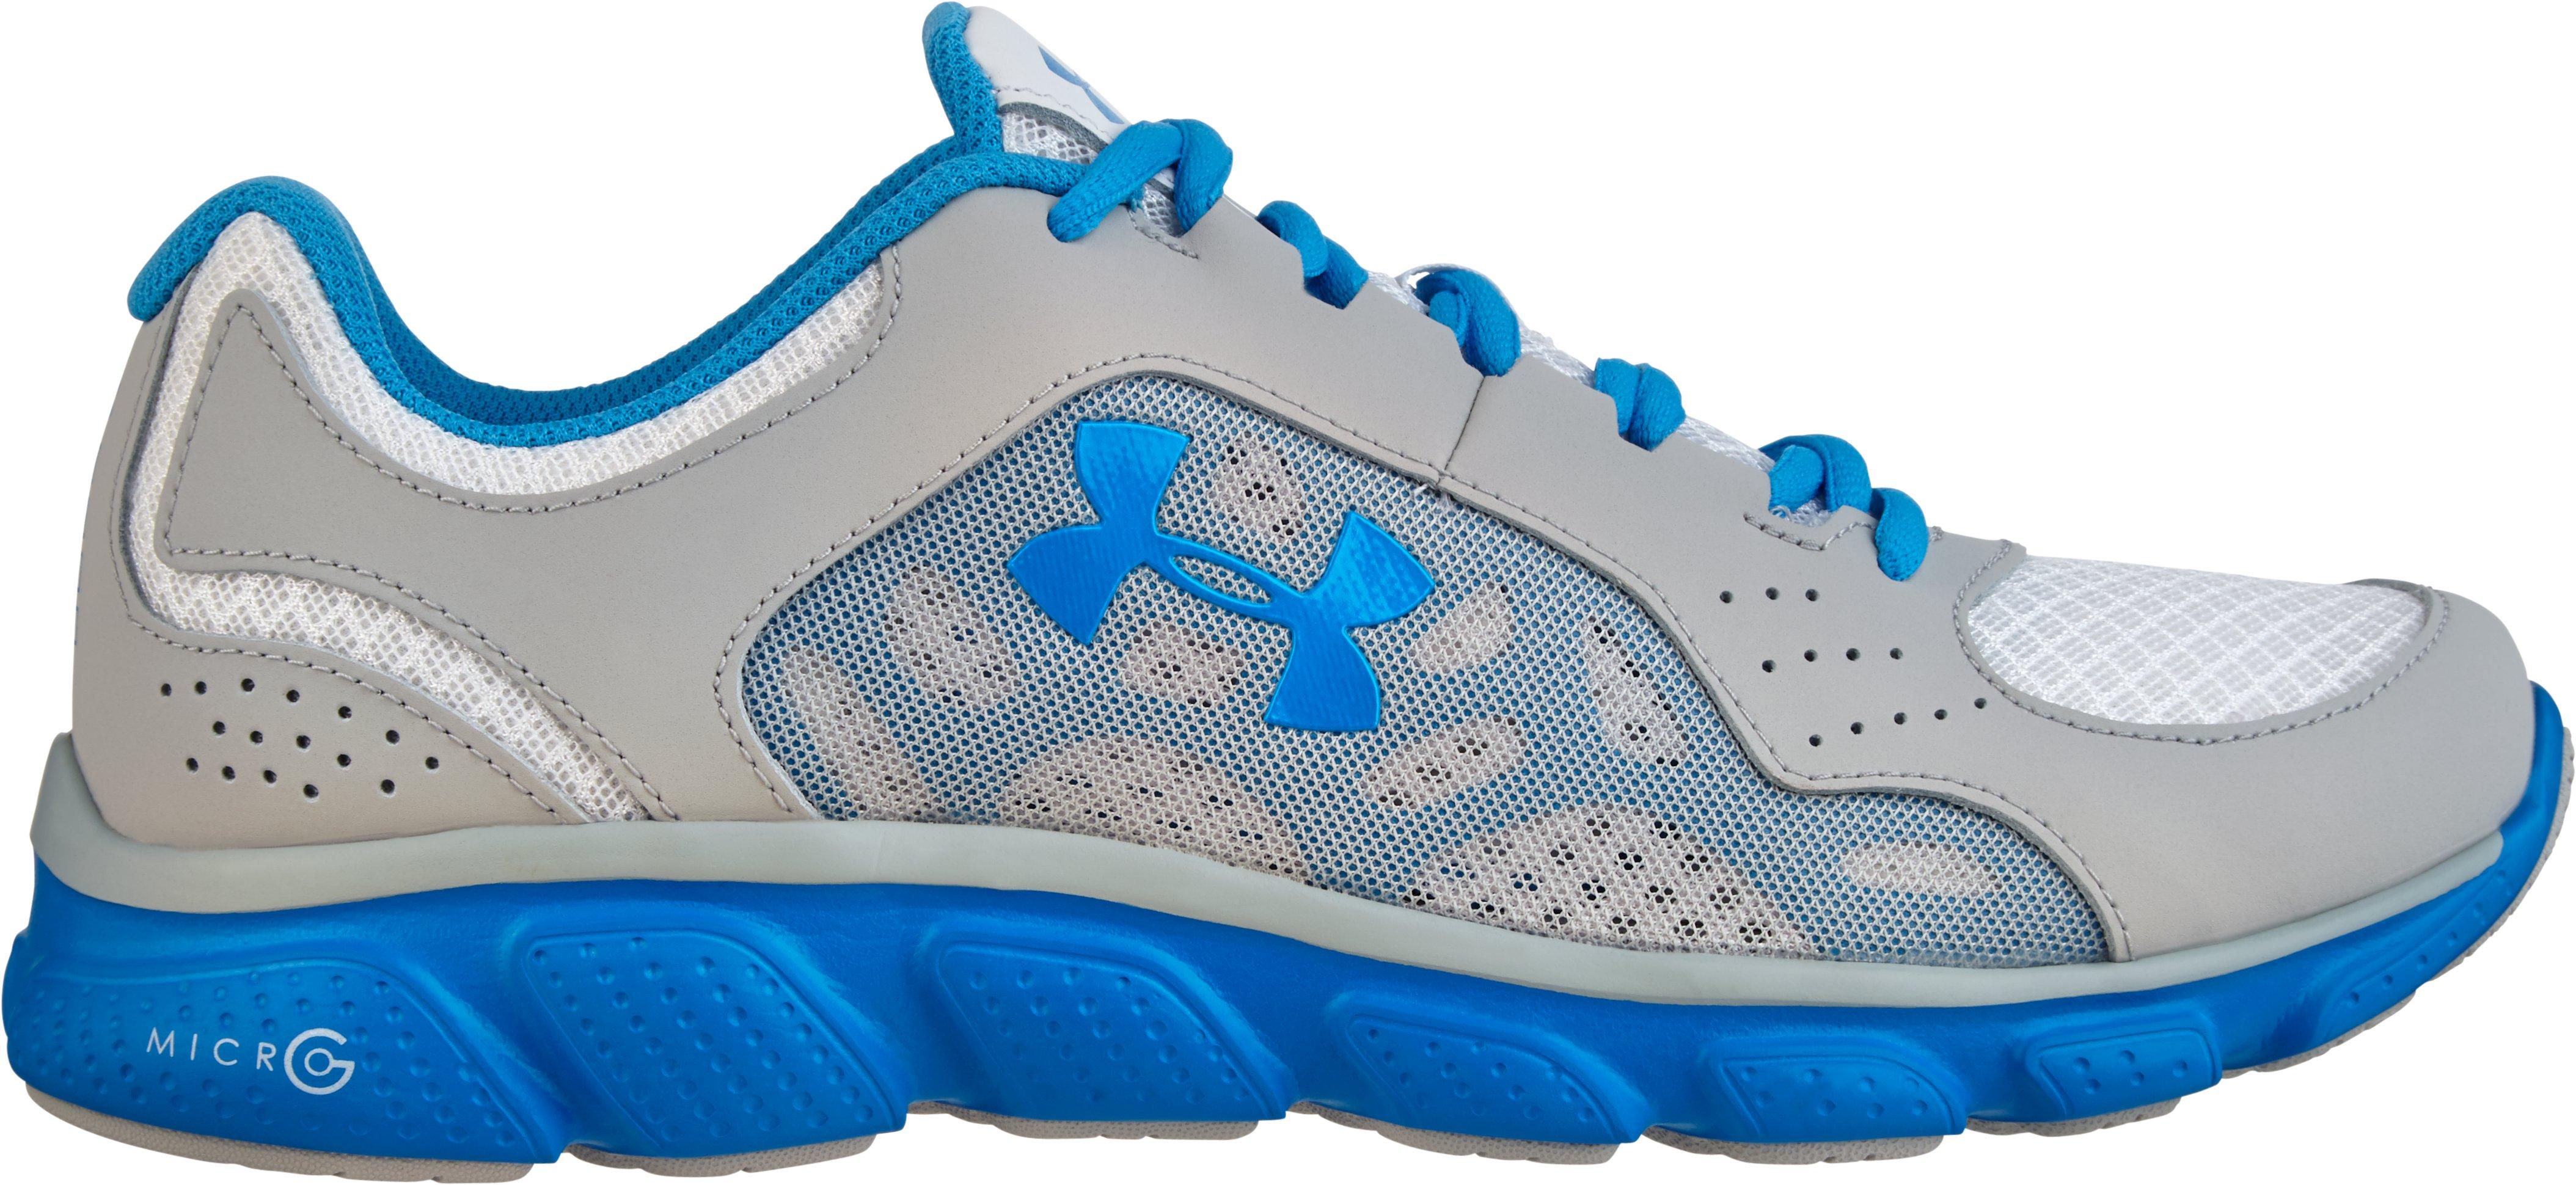 Under Armour Micro G Assert 7 ... Women's Running Shoes